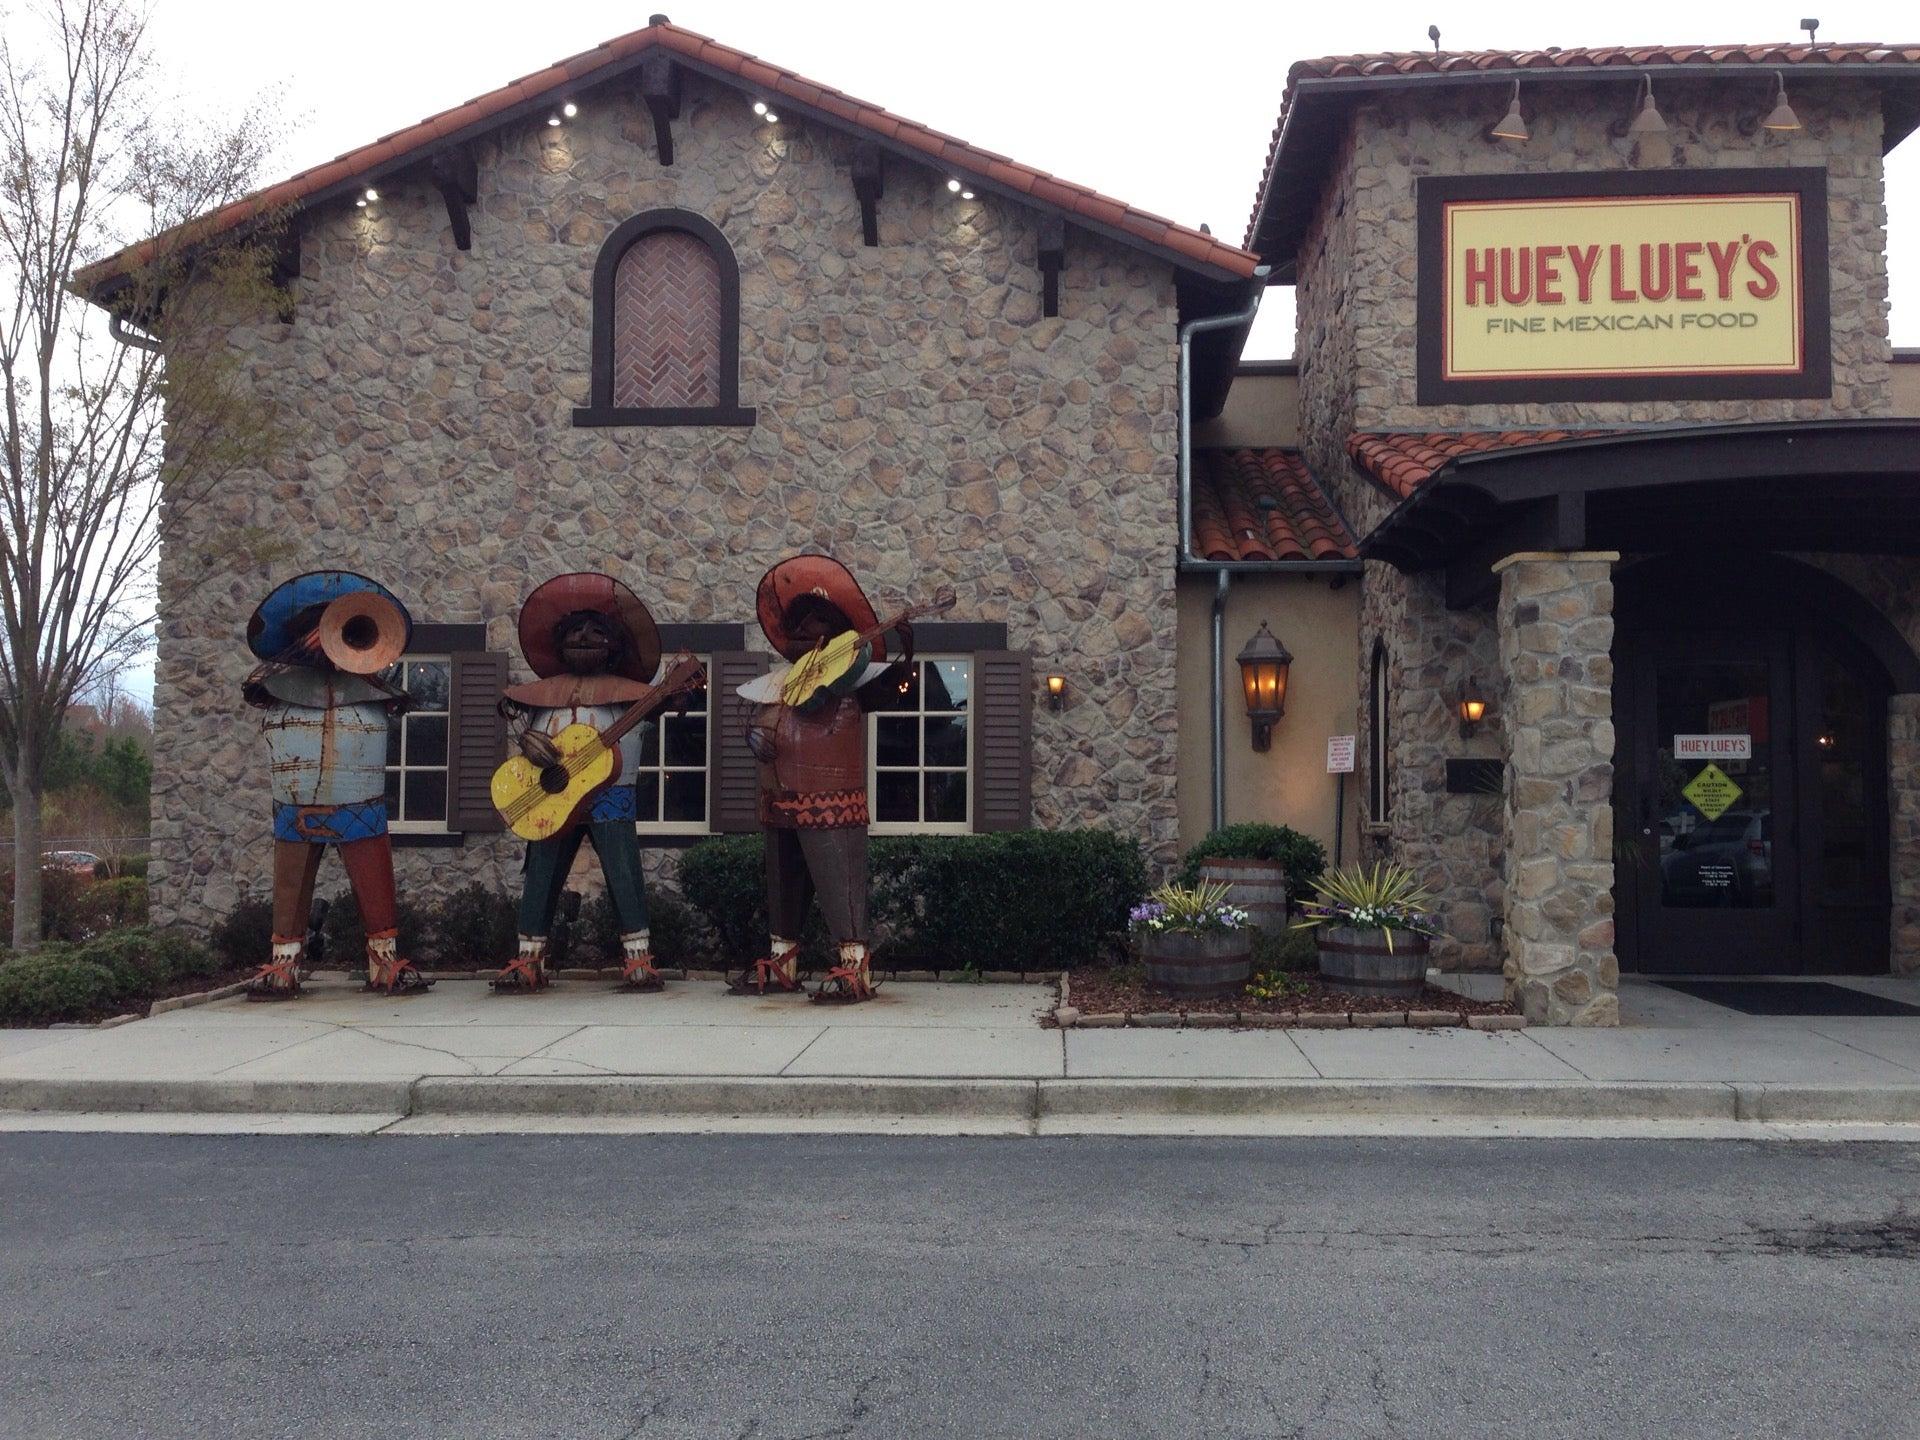 Huey Luey's,